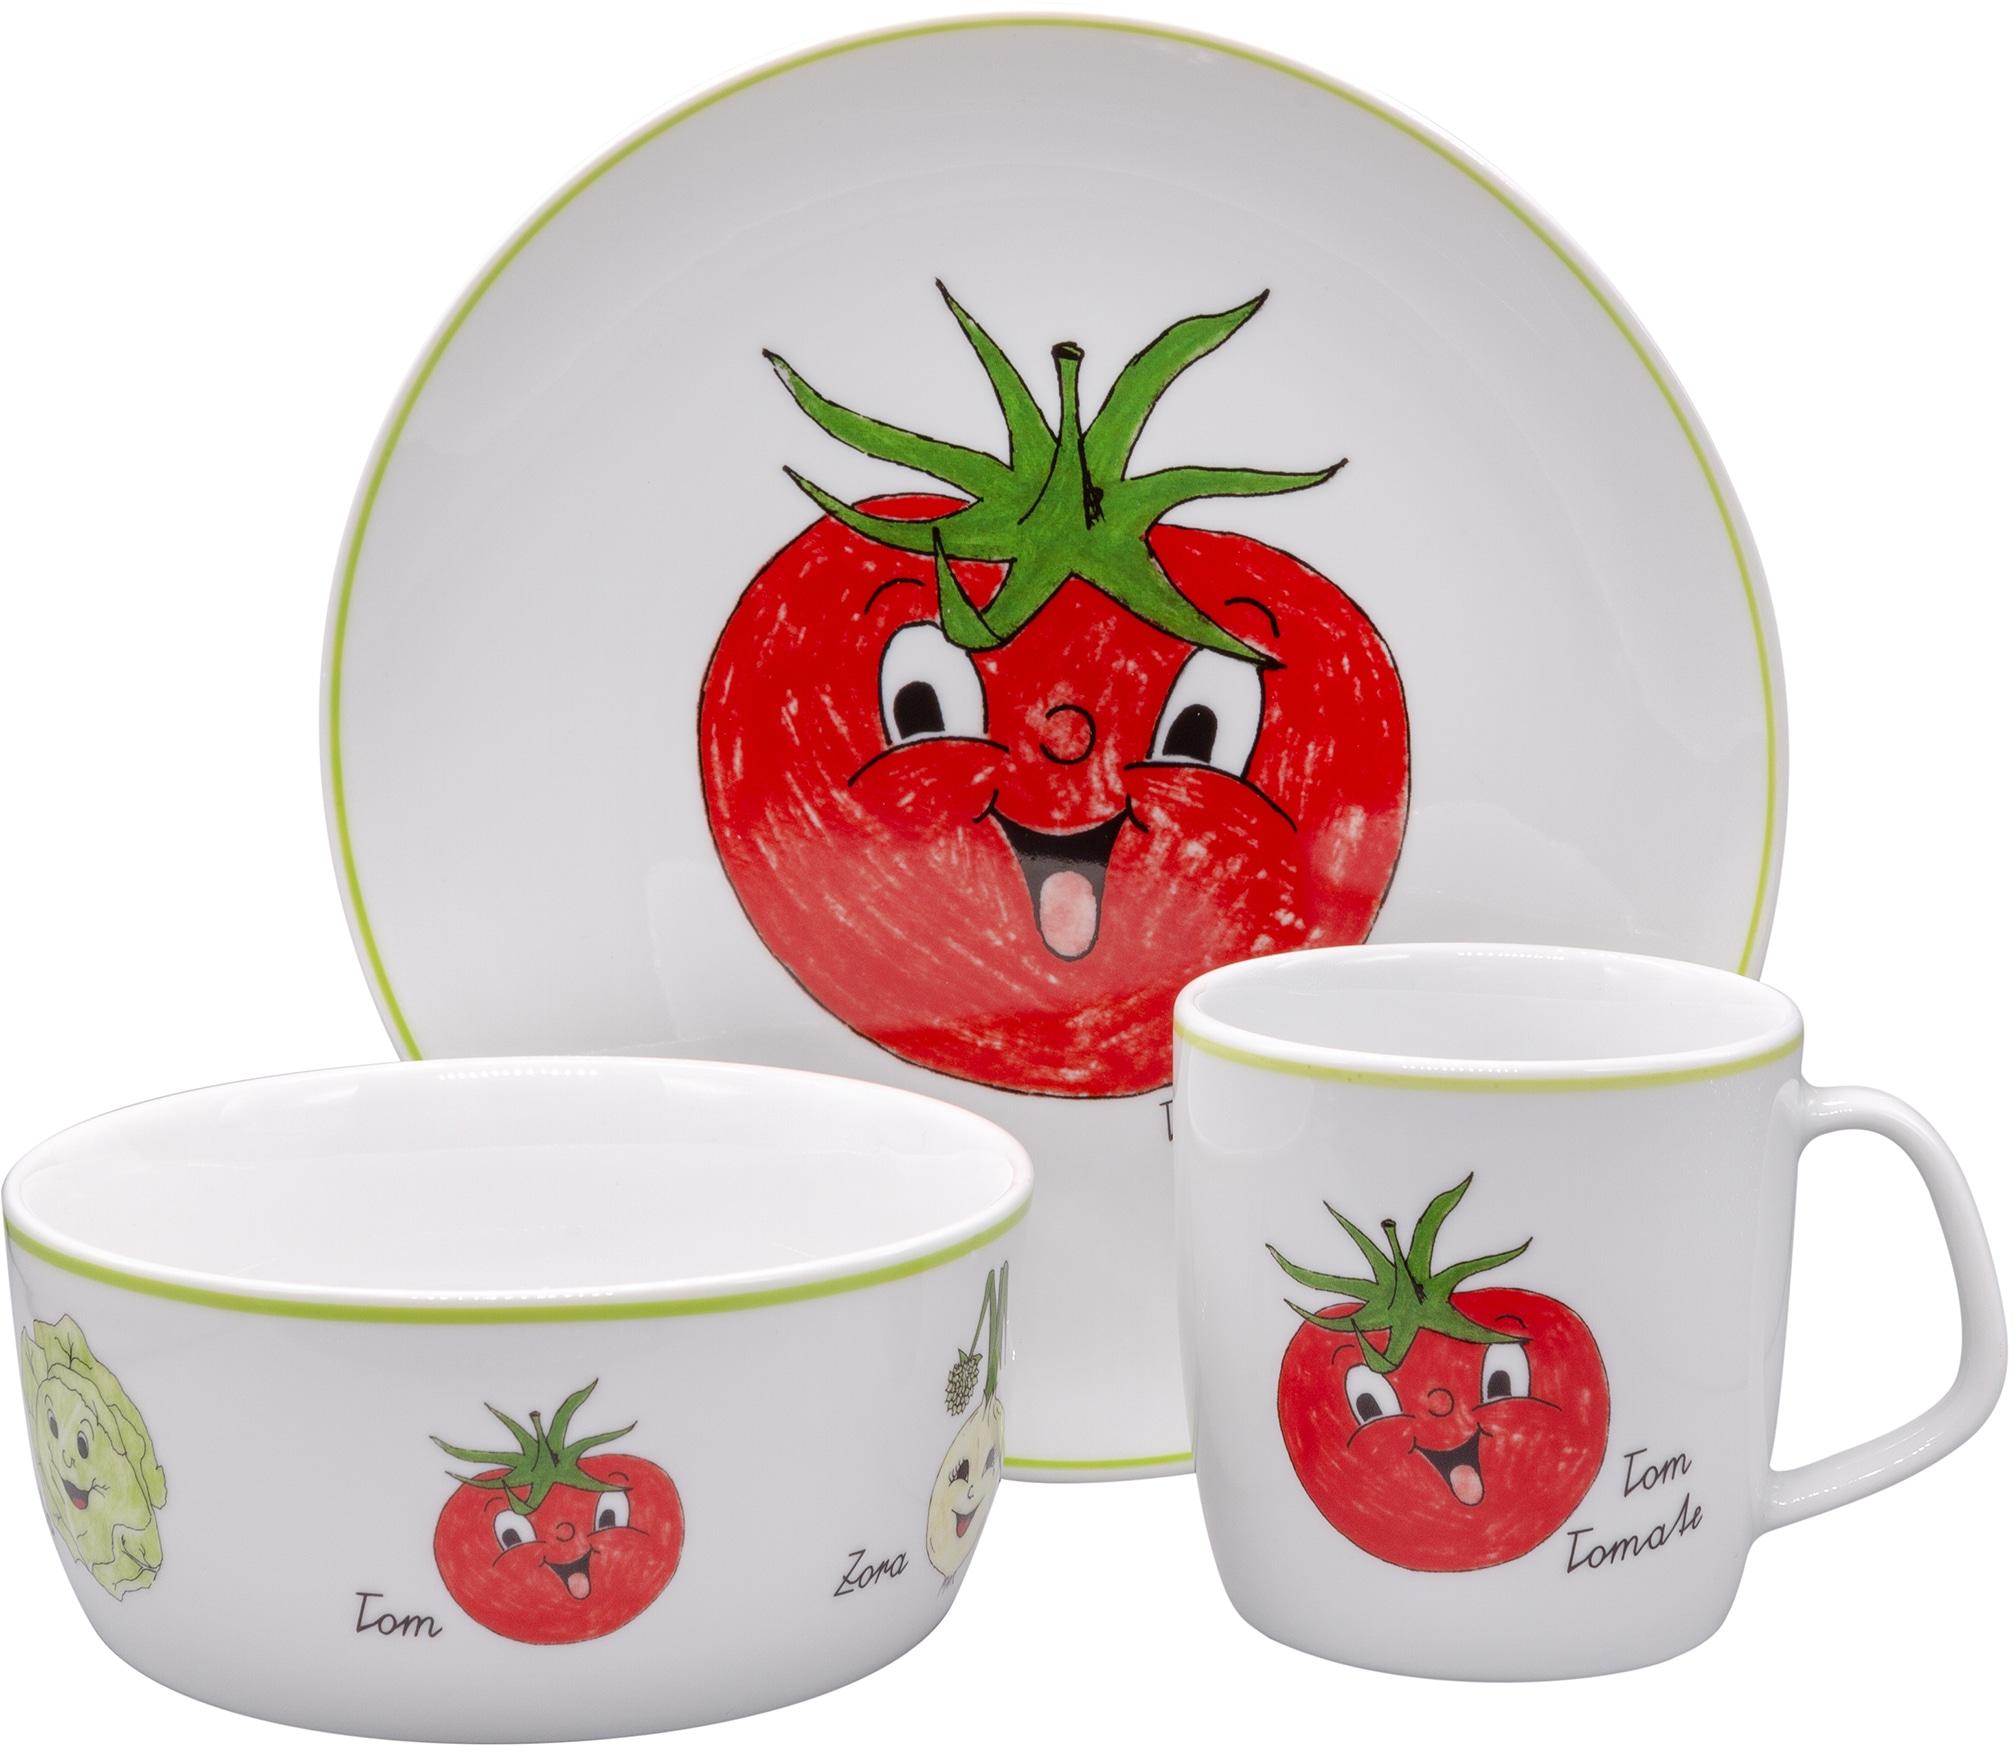 Eschenbach Kindergeschirr-Set Gesunde Freunde Tomate, (Set, 3 tlg.) bunt Kinder Kindergeschirr Geschirr, Porzellan Tischaccessoires Haushaltswaren